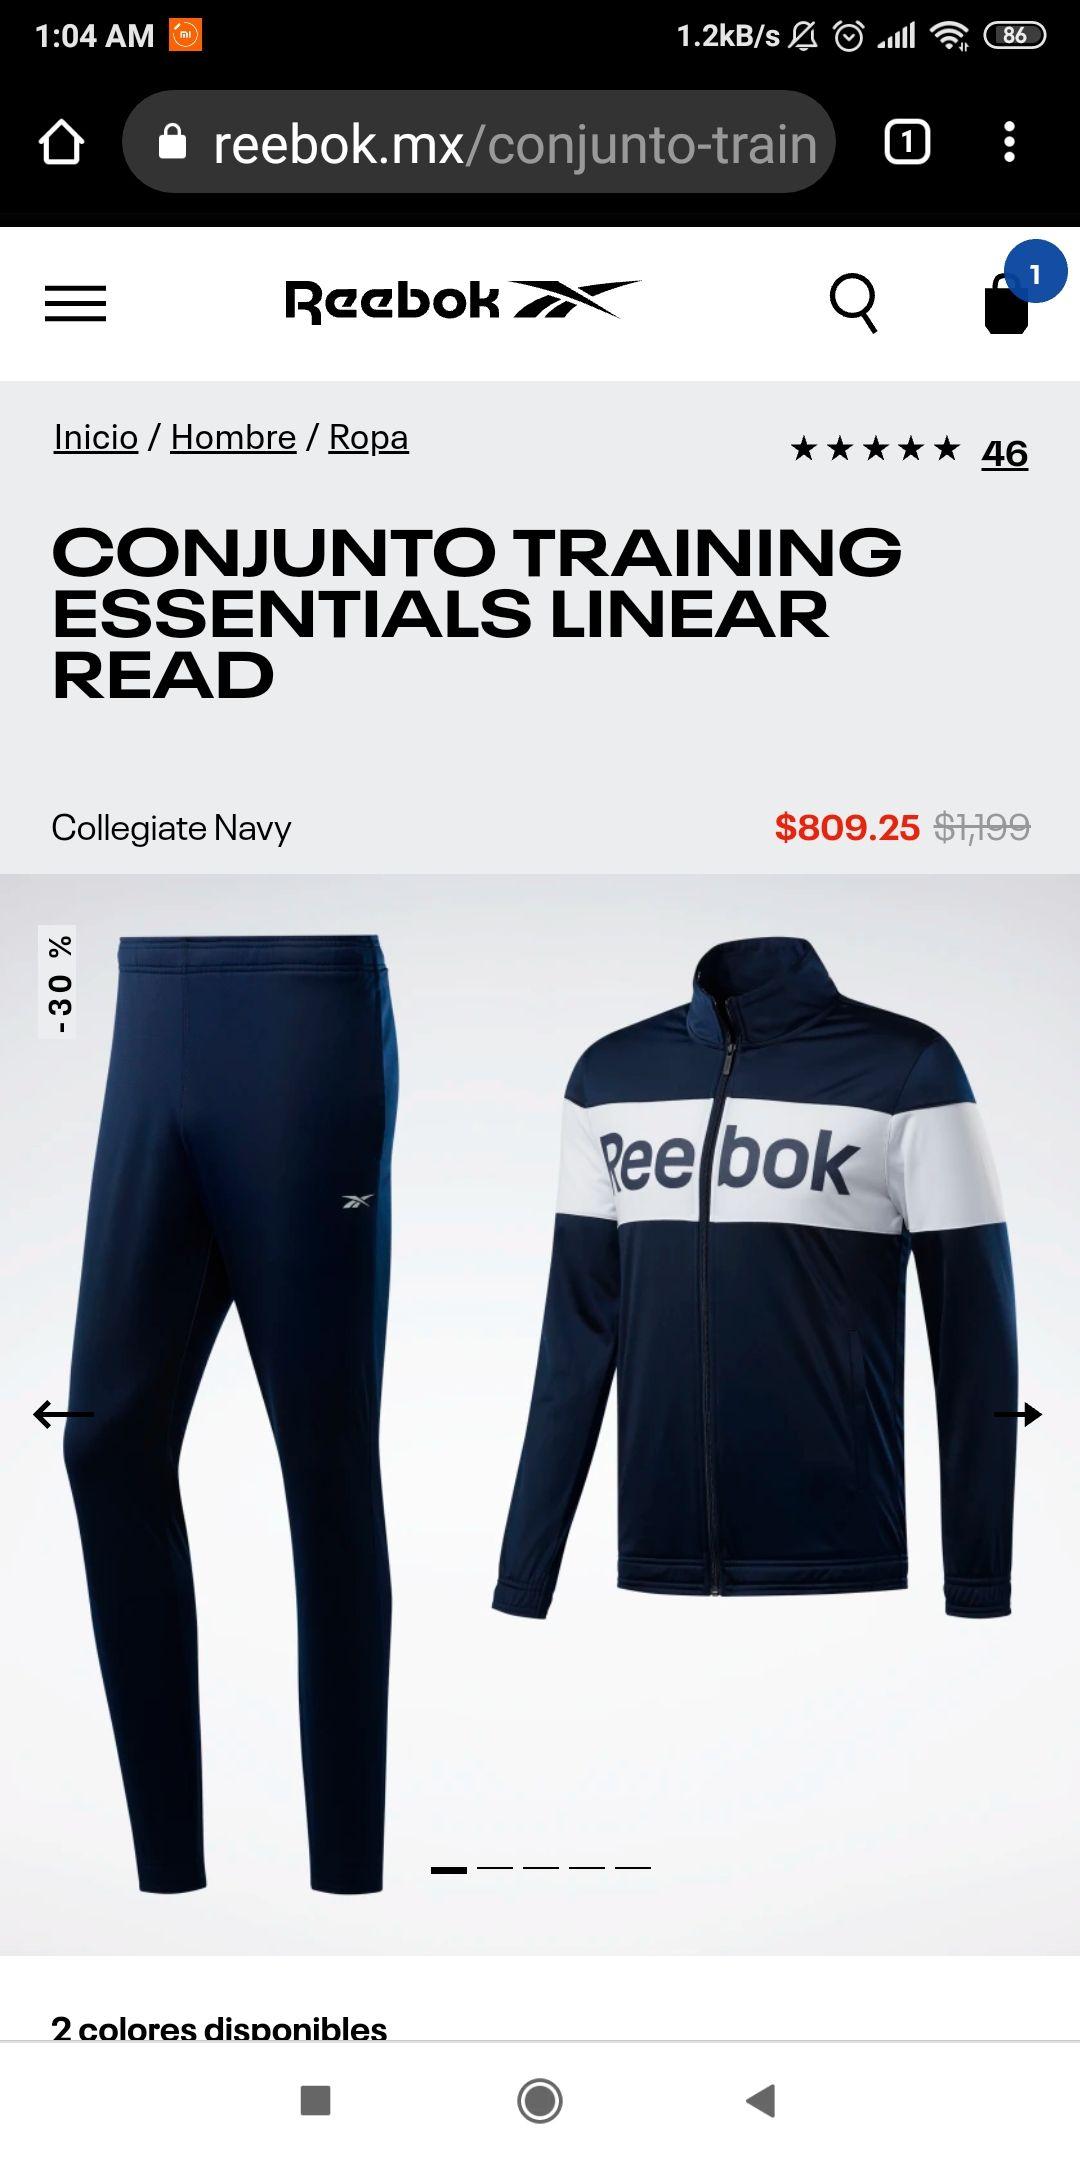 Reebok: Conjunto deportivo Reebok (precio aplicando 20%off + cupón)